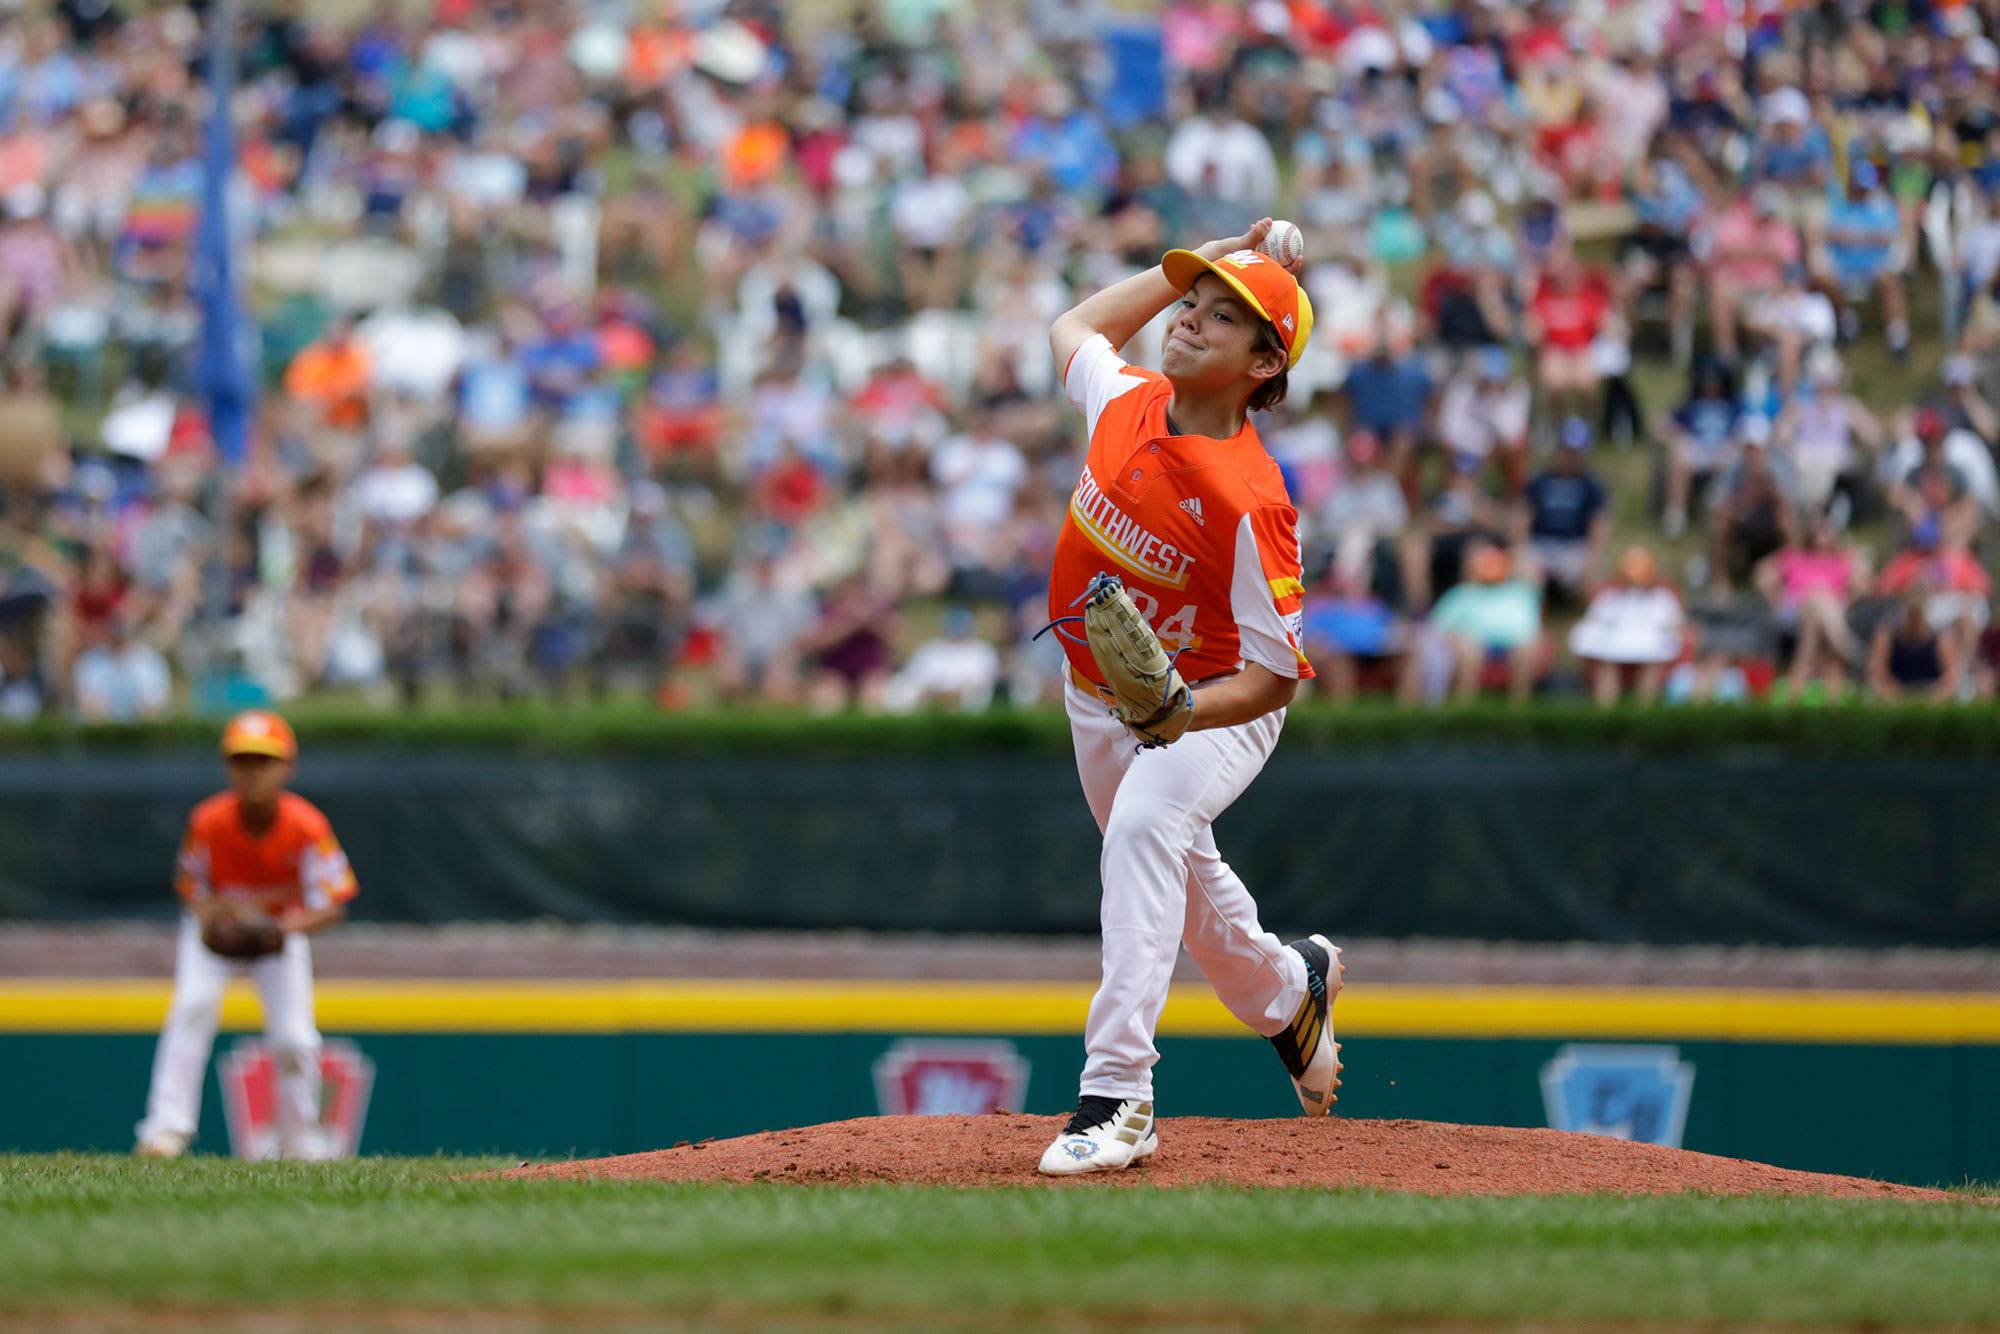 sw pitcher